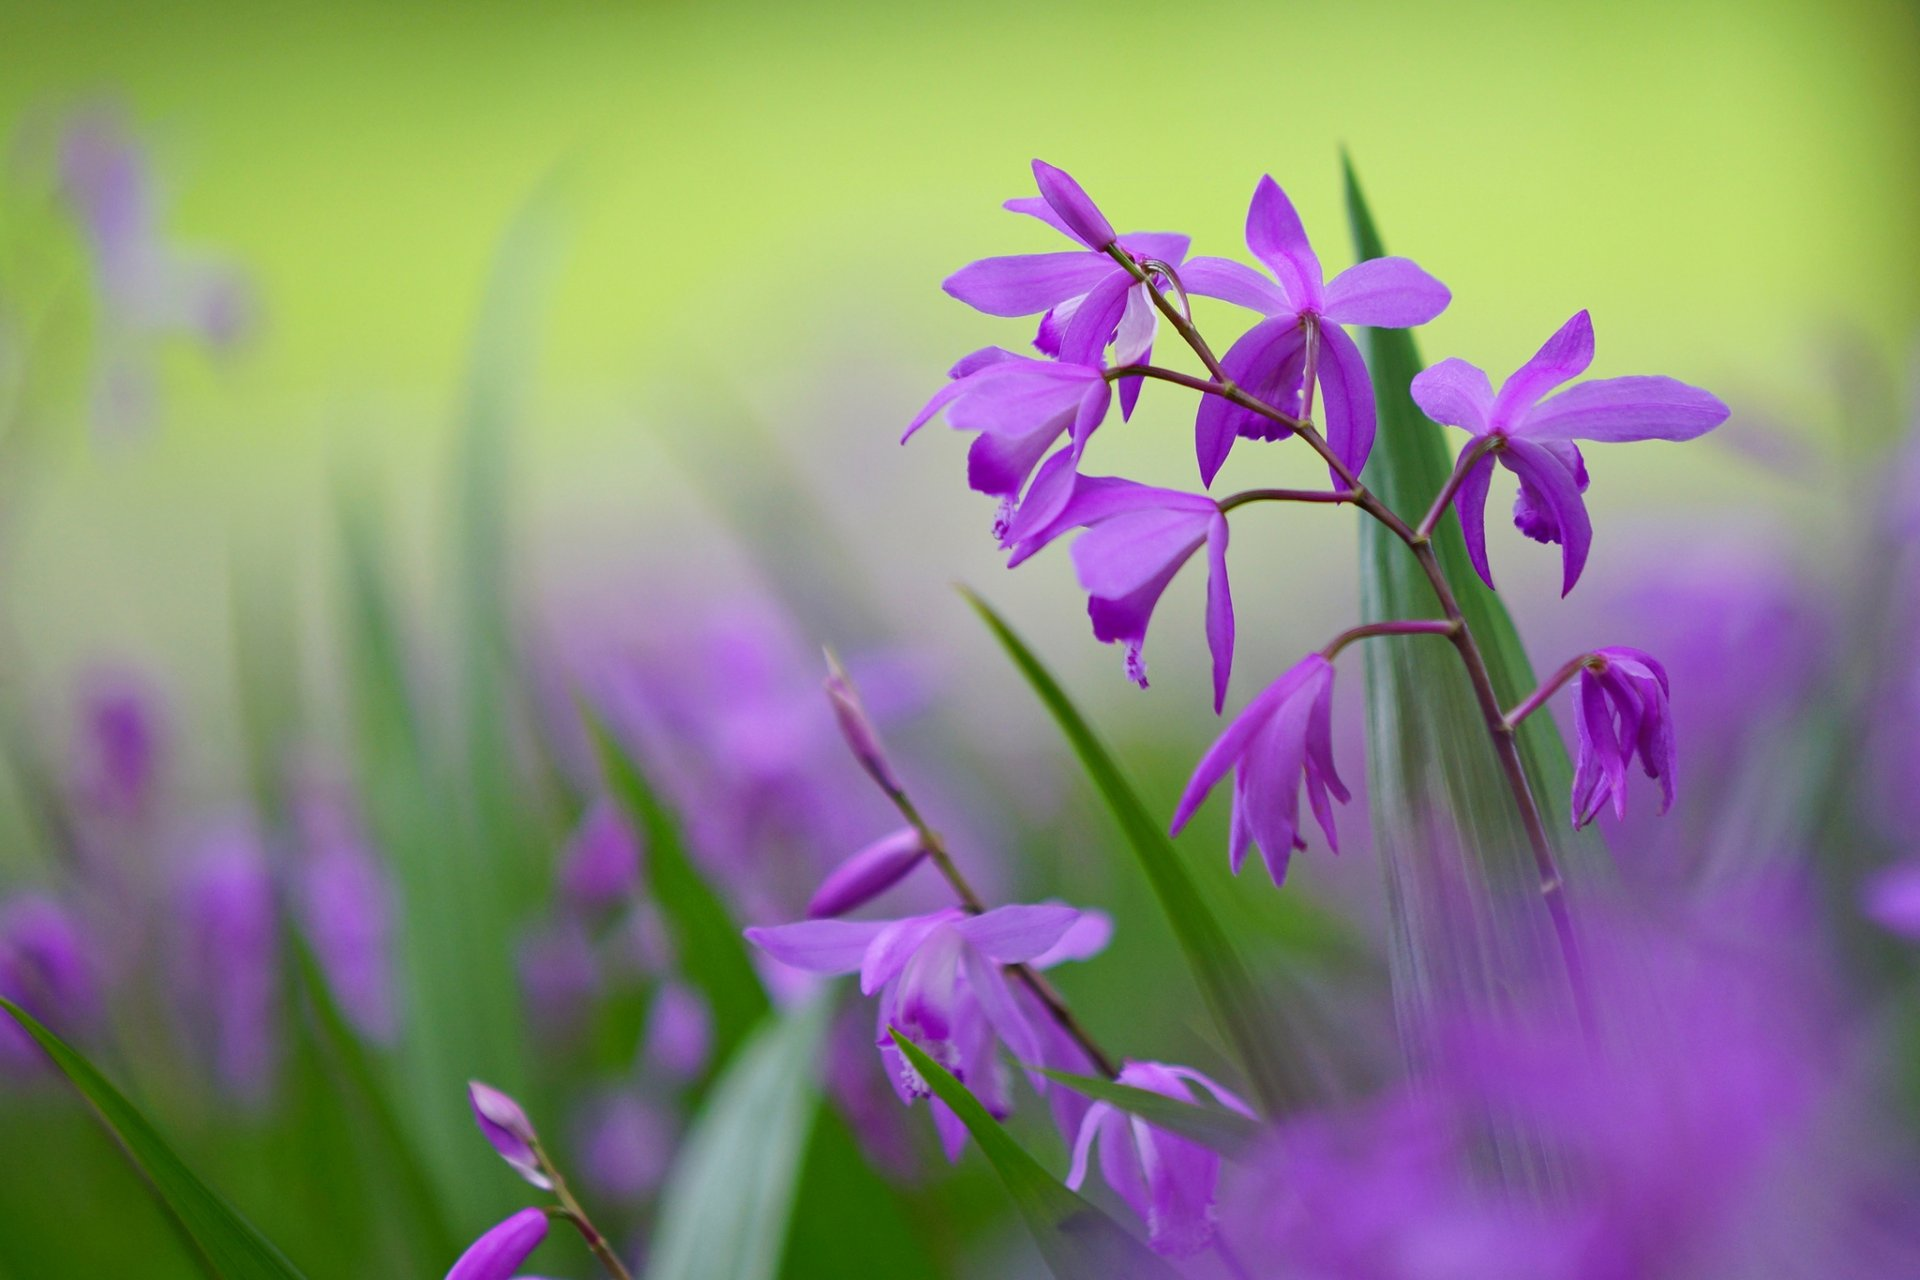 цветок фиолетово-зеленый макро загрузить